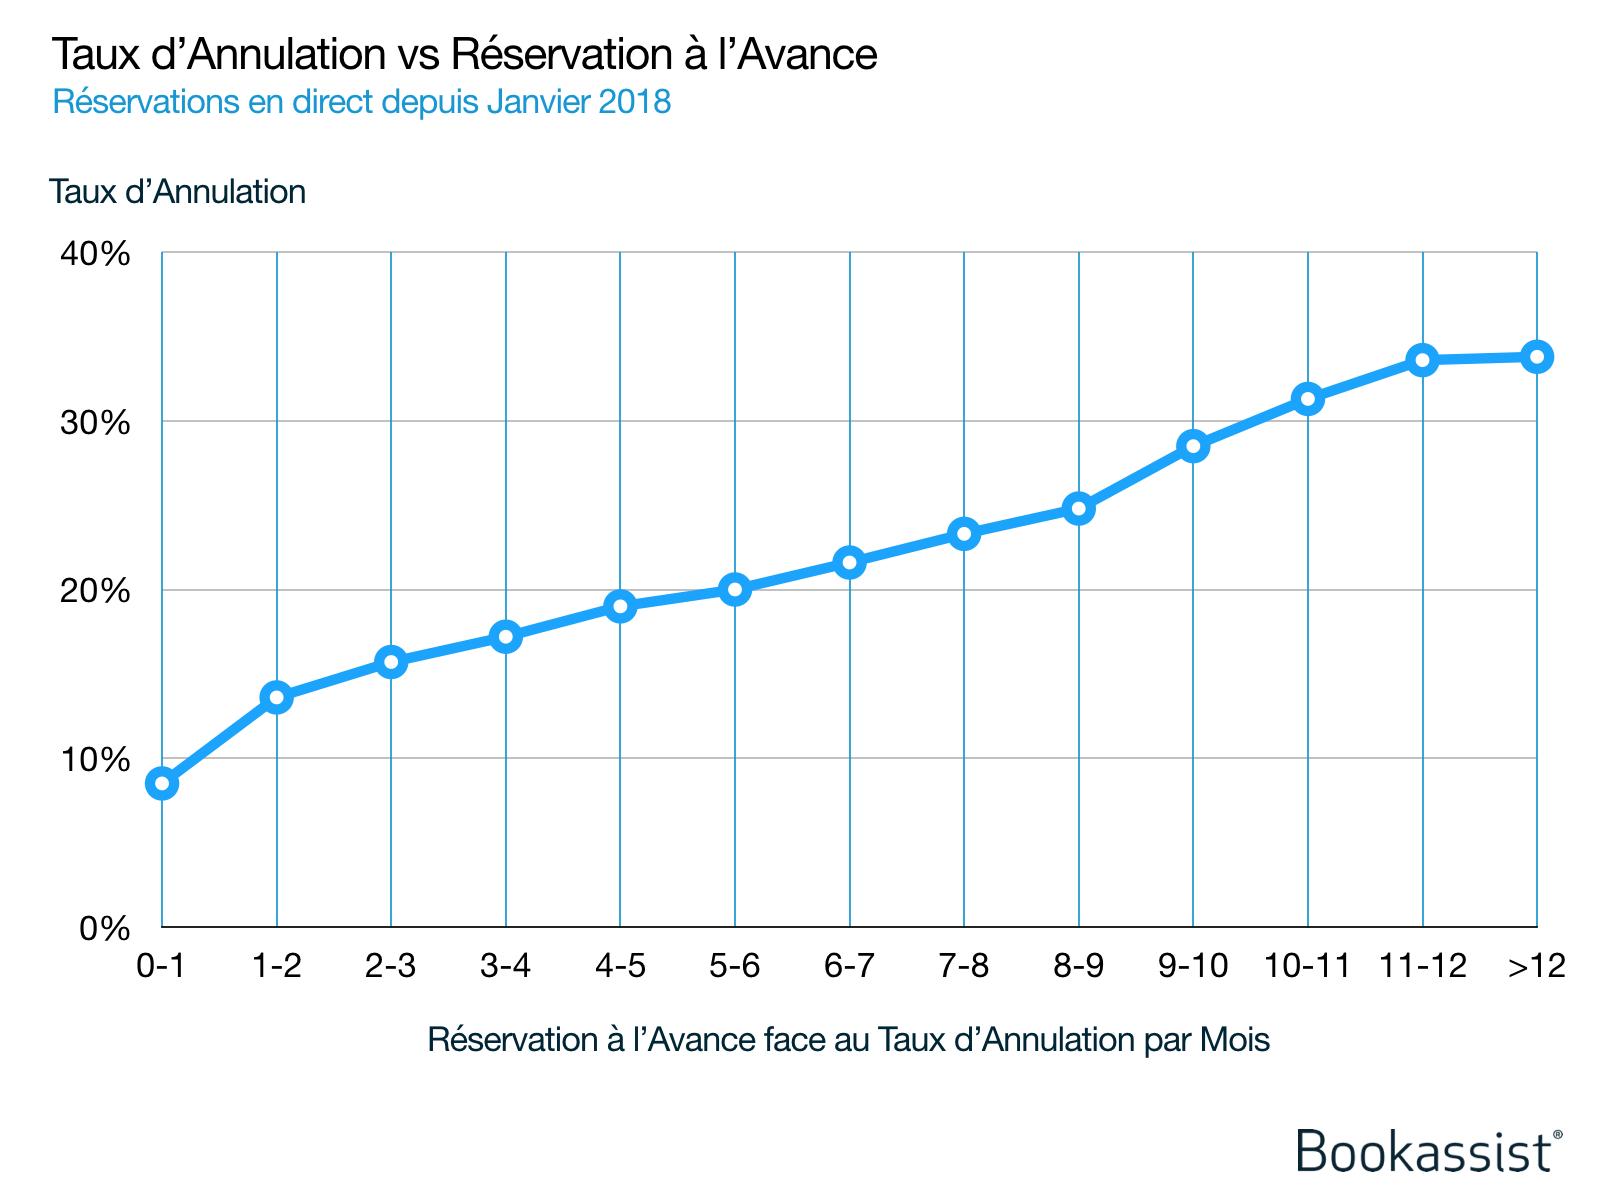 Graphique 2 : Données de Bookassist sur les taux d'annulation de réservation directe par rapport au délai d'introduction pour des centaines de milliers de réservations sur plusieurs marchés depuis janvier 2018. Plus une réservation est effectuée longtemps à l'avance, plus la probabilité d'annulation augmente.